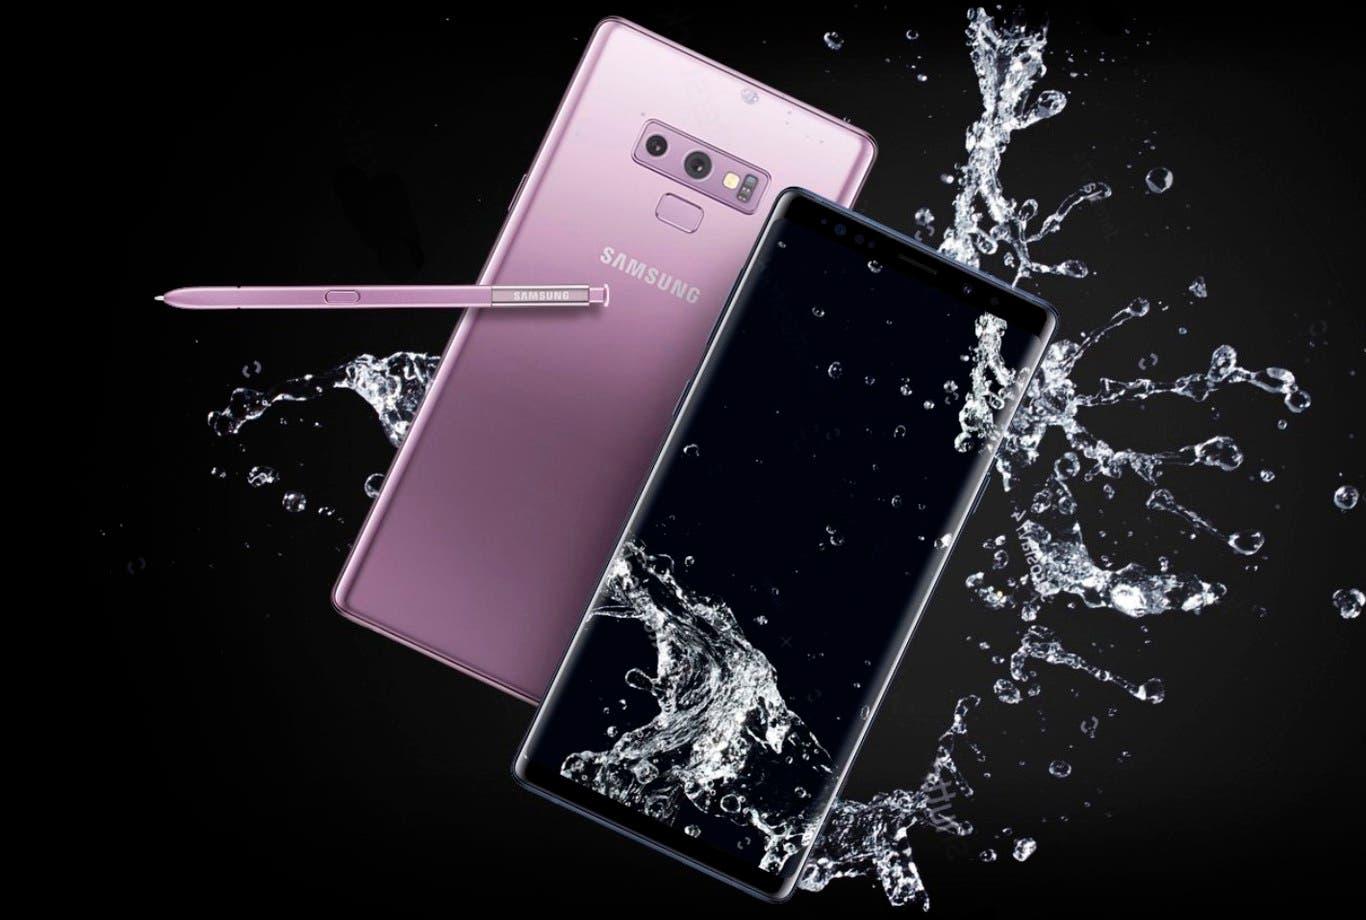 Samsung presentará su primer smartphone plegable este año